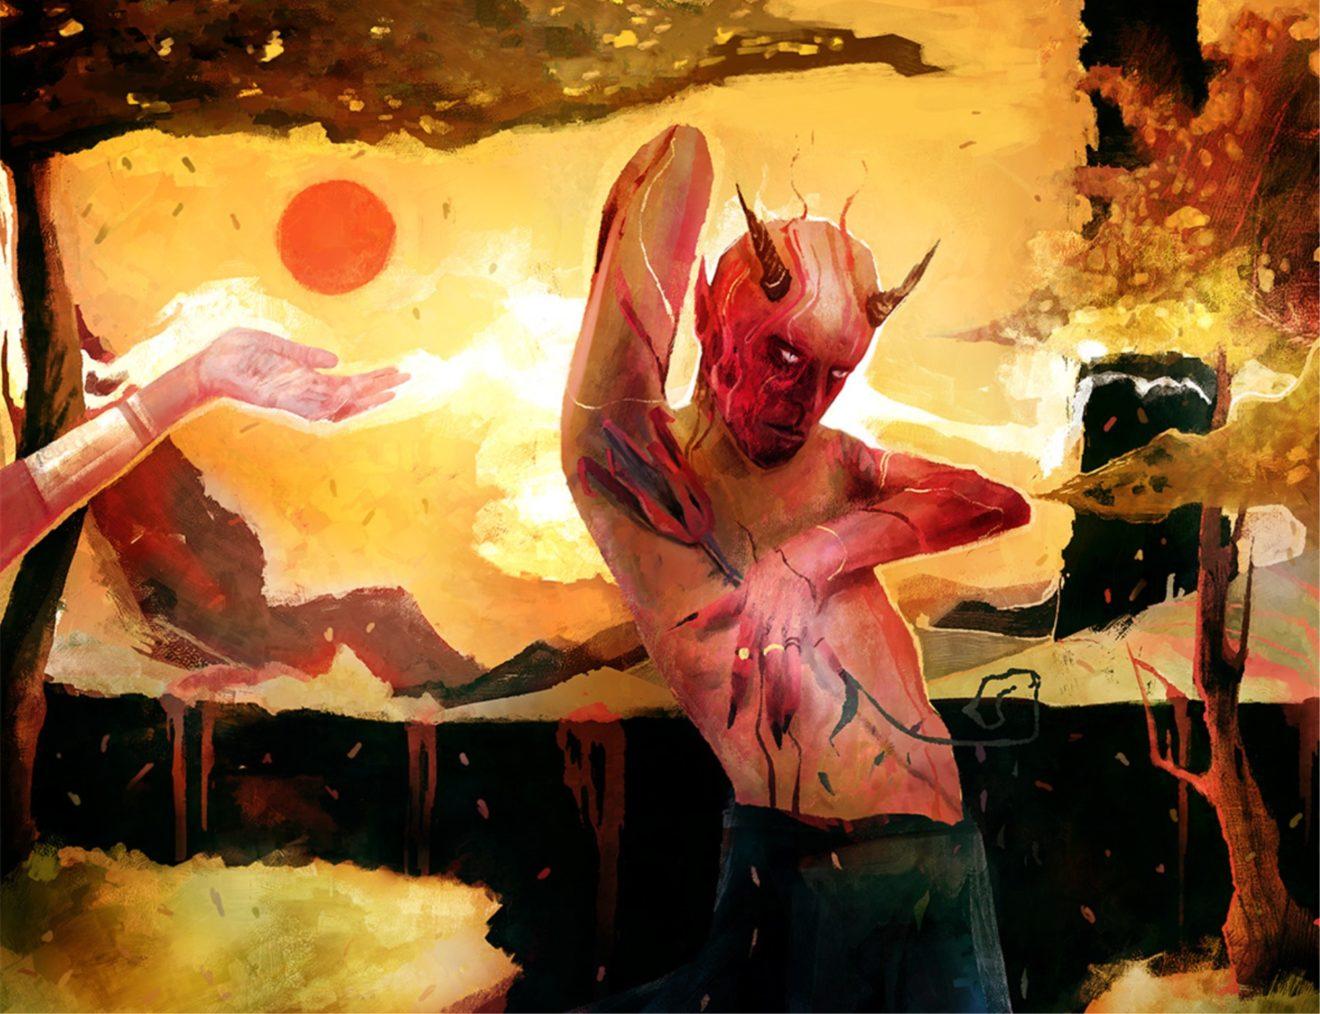 Das diesjährige Reverberation-Festival vereint Buntheit und Düsterkeit der psychedelischen Szene. Künstler: Artourette